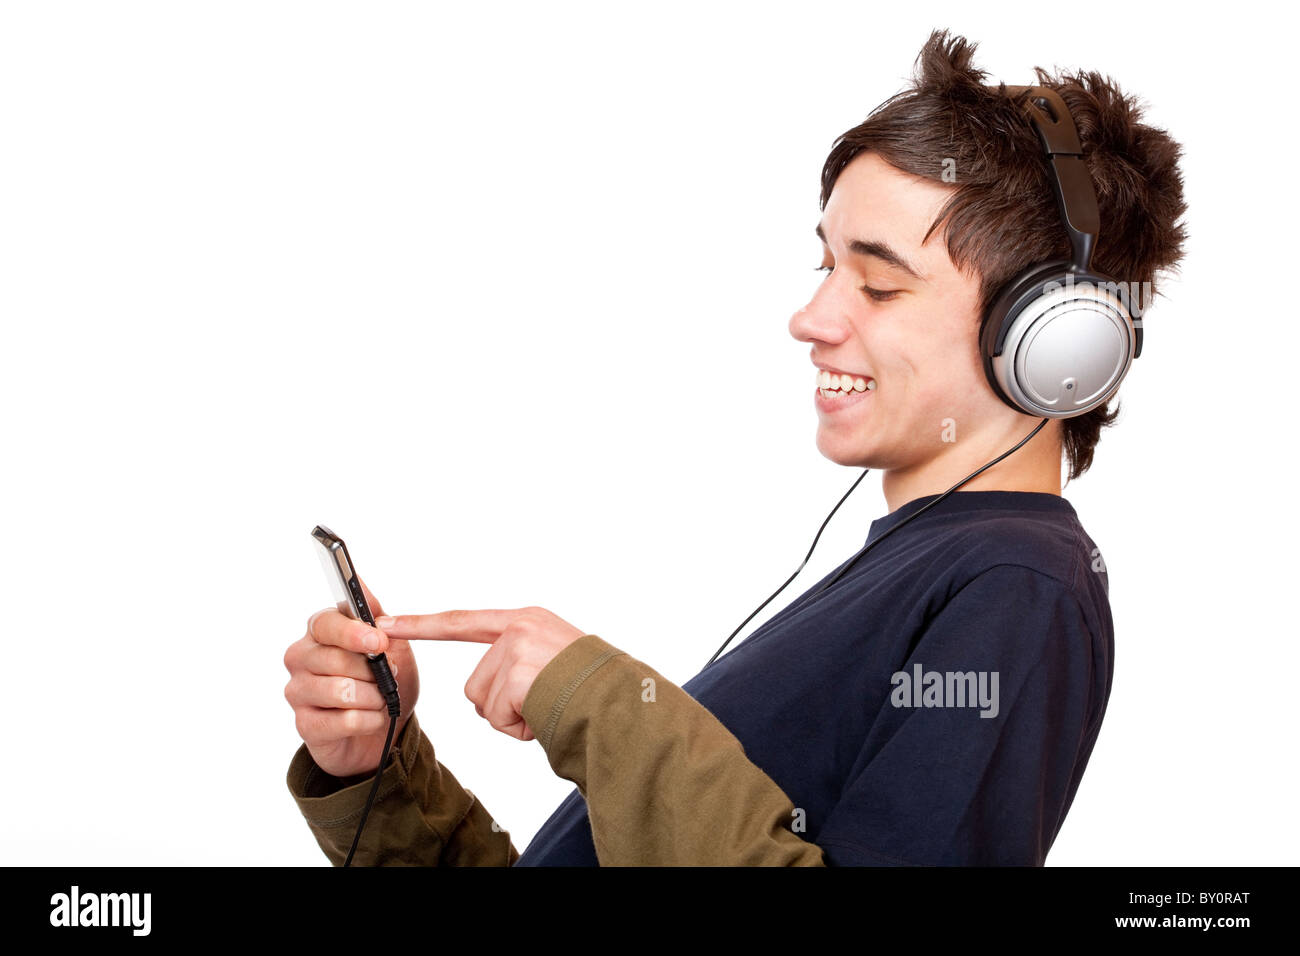 Adolescente con el uso de auriculares del reproductor de música mp3. Aislado sobre fondo blanco. Imagen De Stock